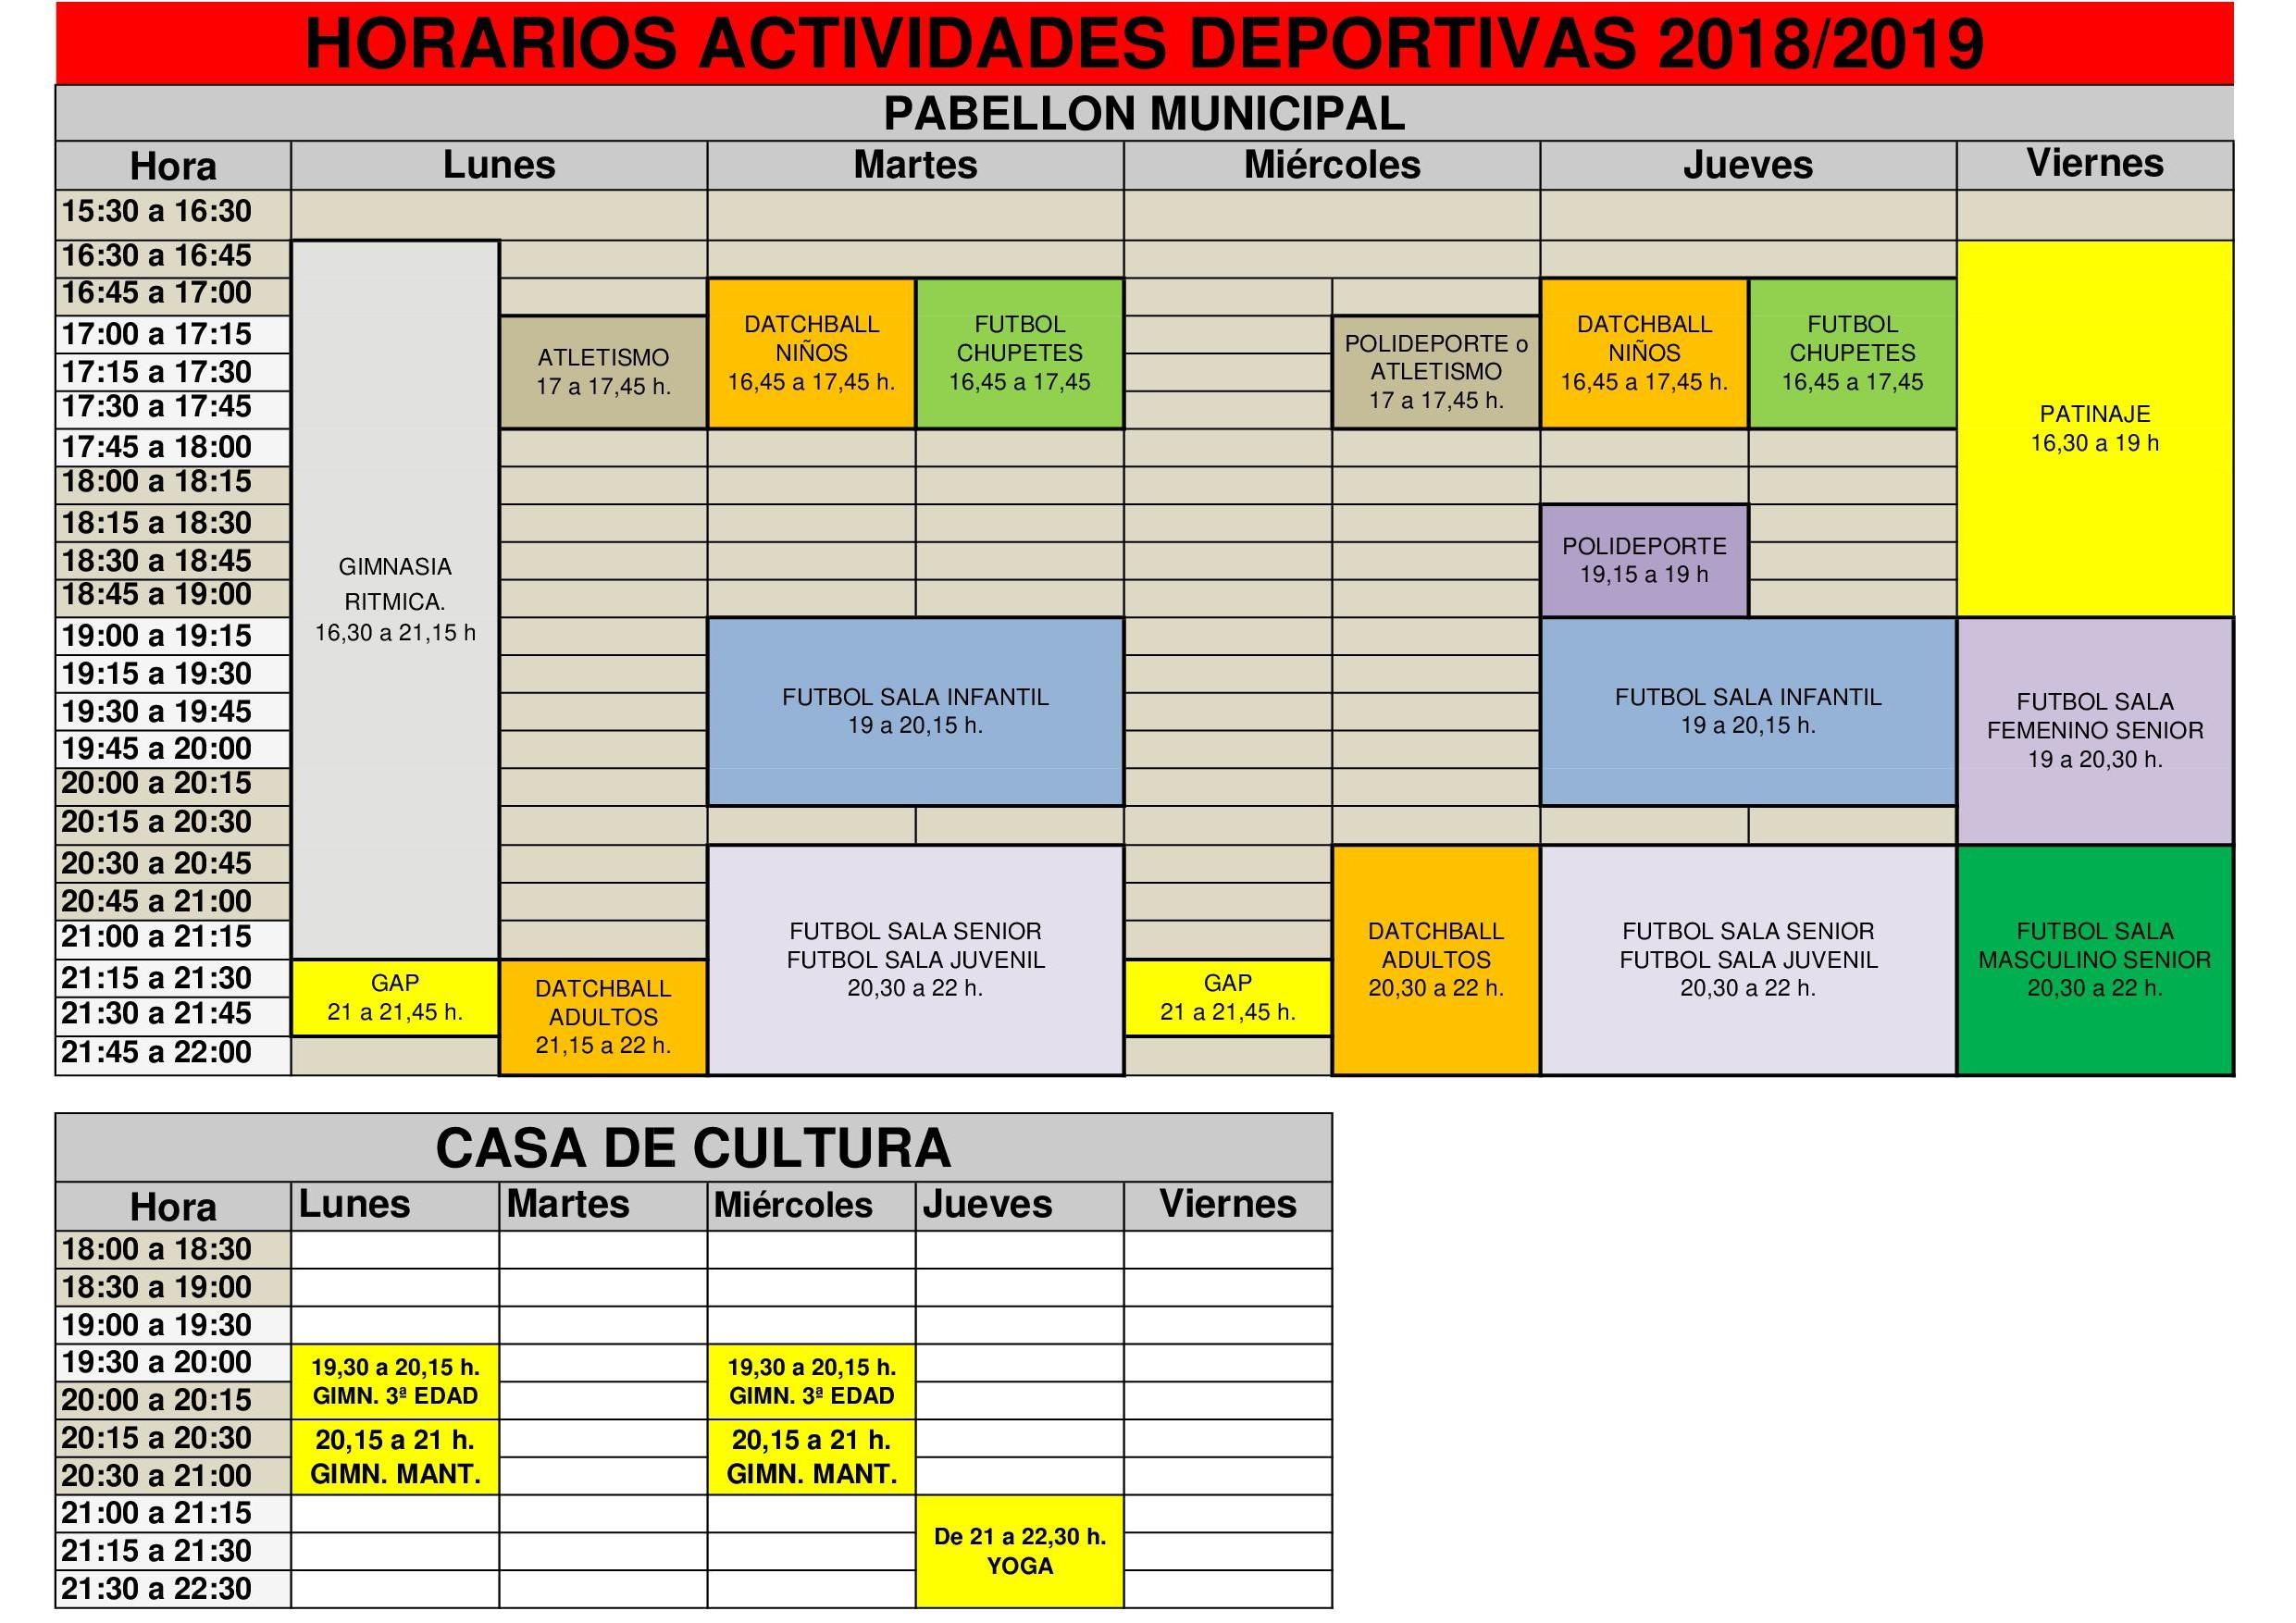 HORARIOS ACTIVIDADES DEPORTIVAS